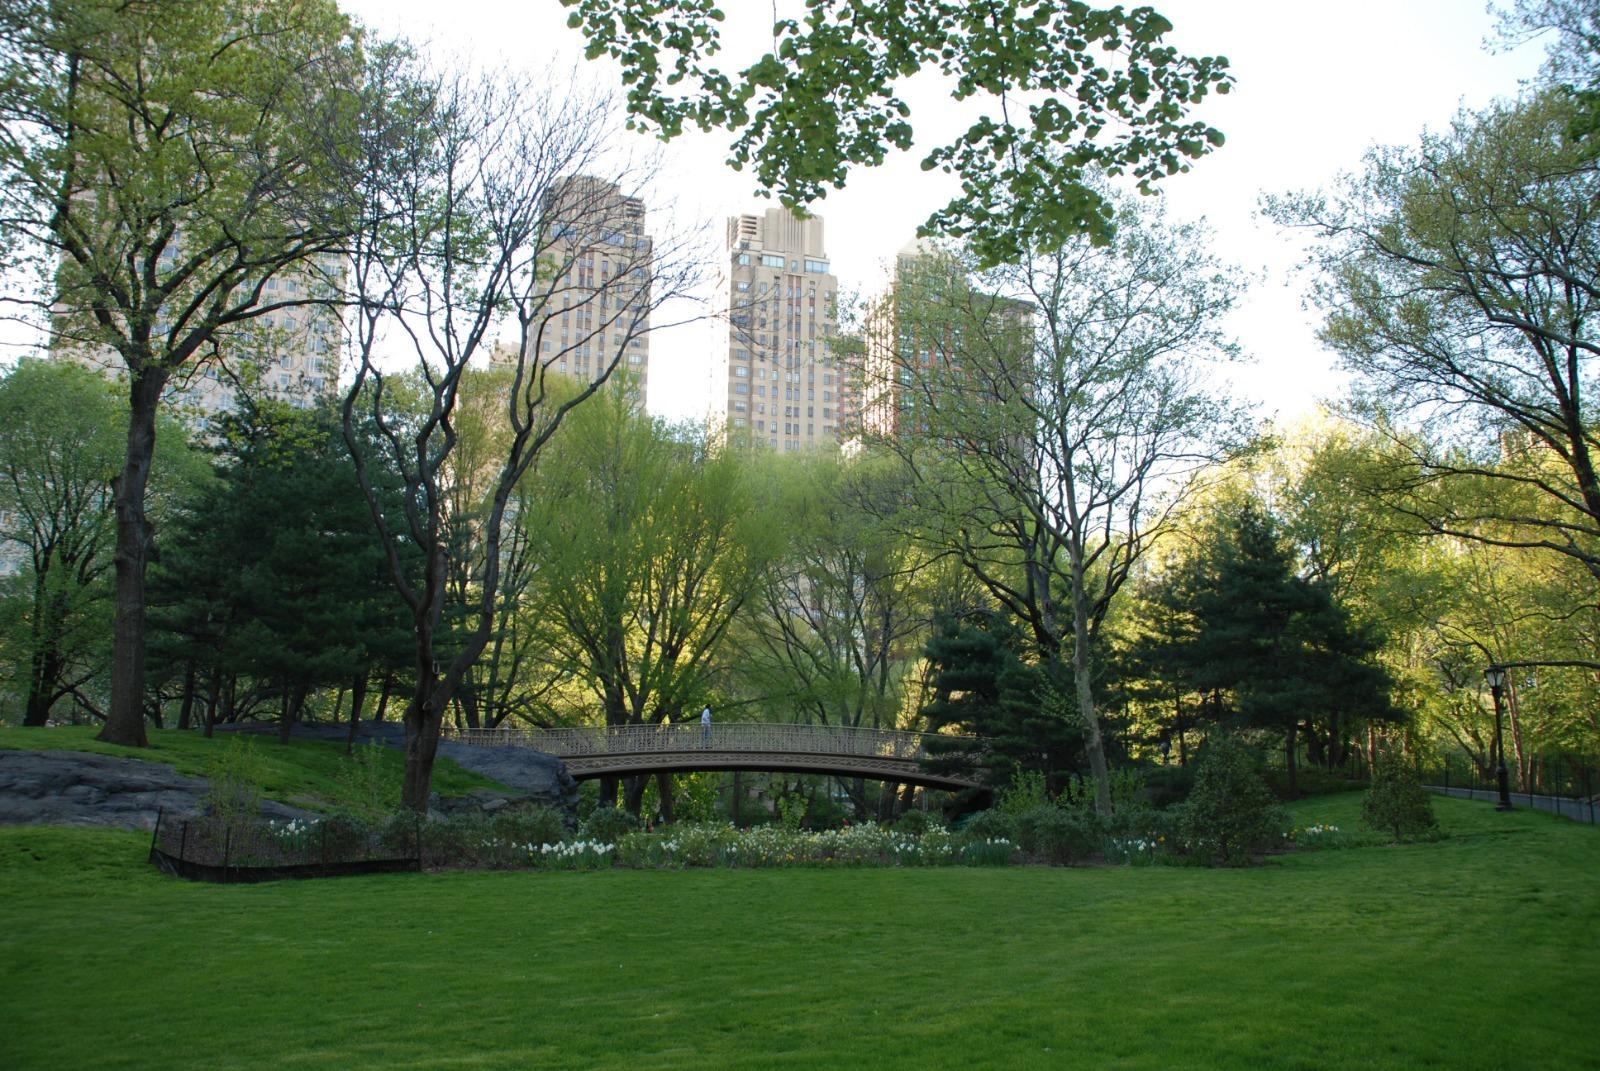 newyork04-1600781329.jpg